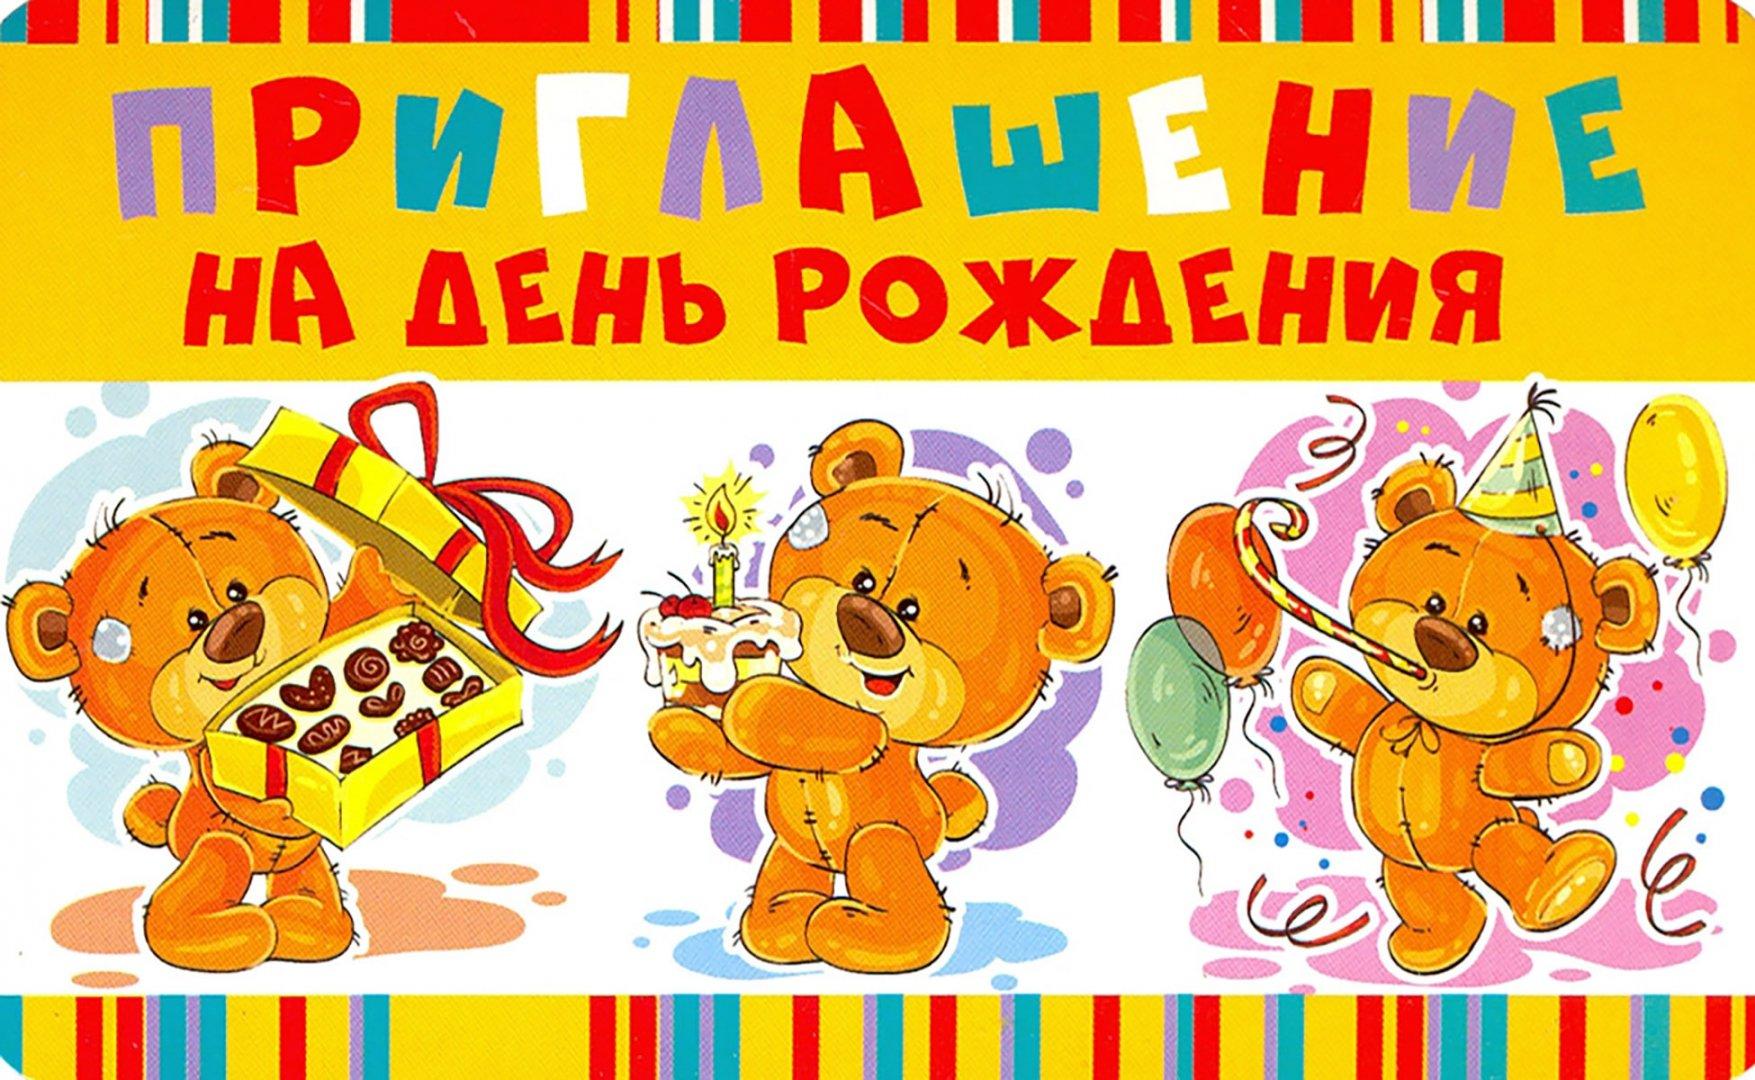 Мальчику, открытки для приглашения на день рождение